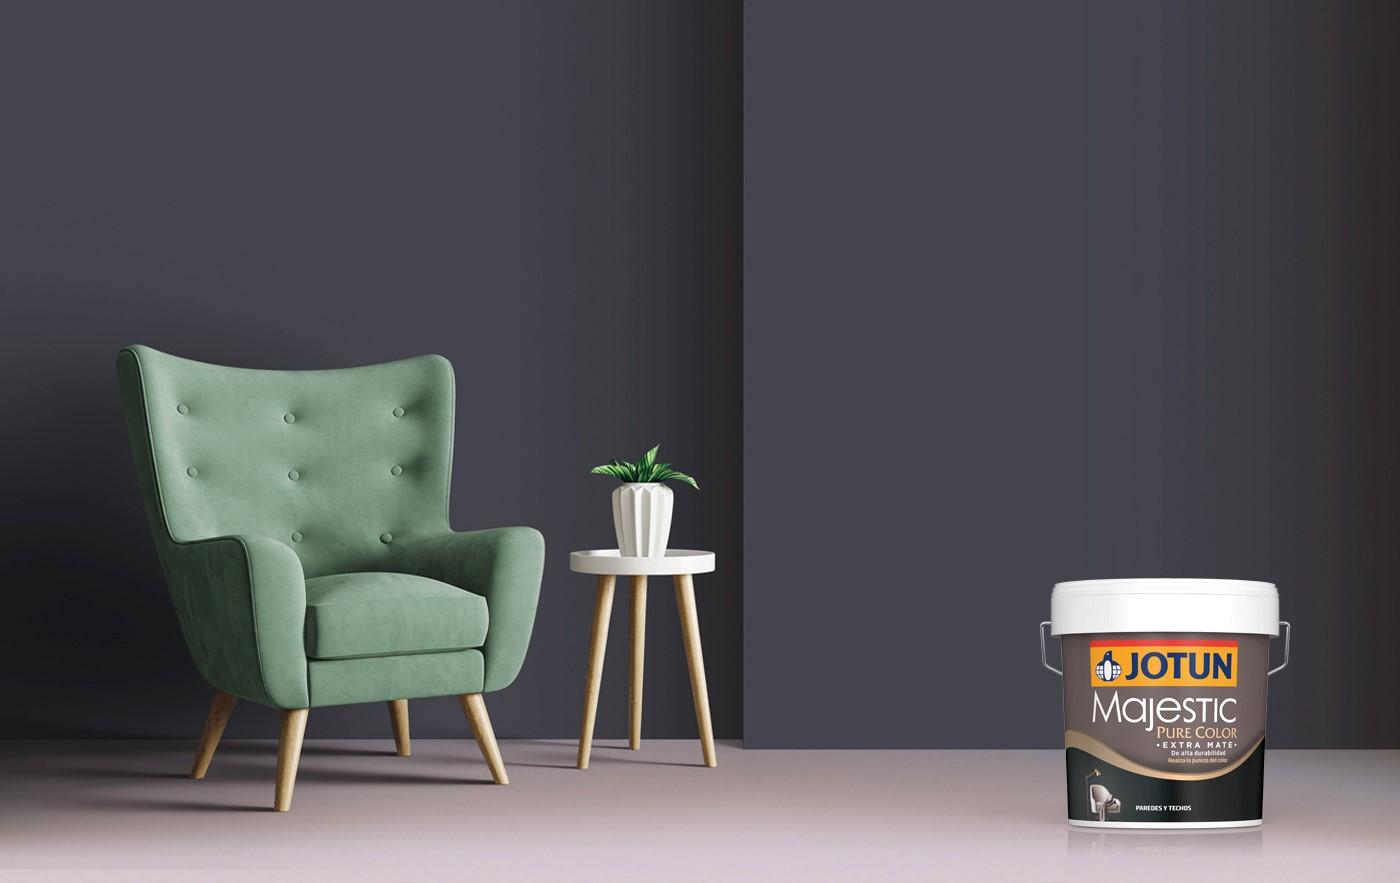 ¡Pinta tu casa con Majestic Pure Color, nuestra pintura extramate ecológica!